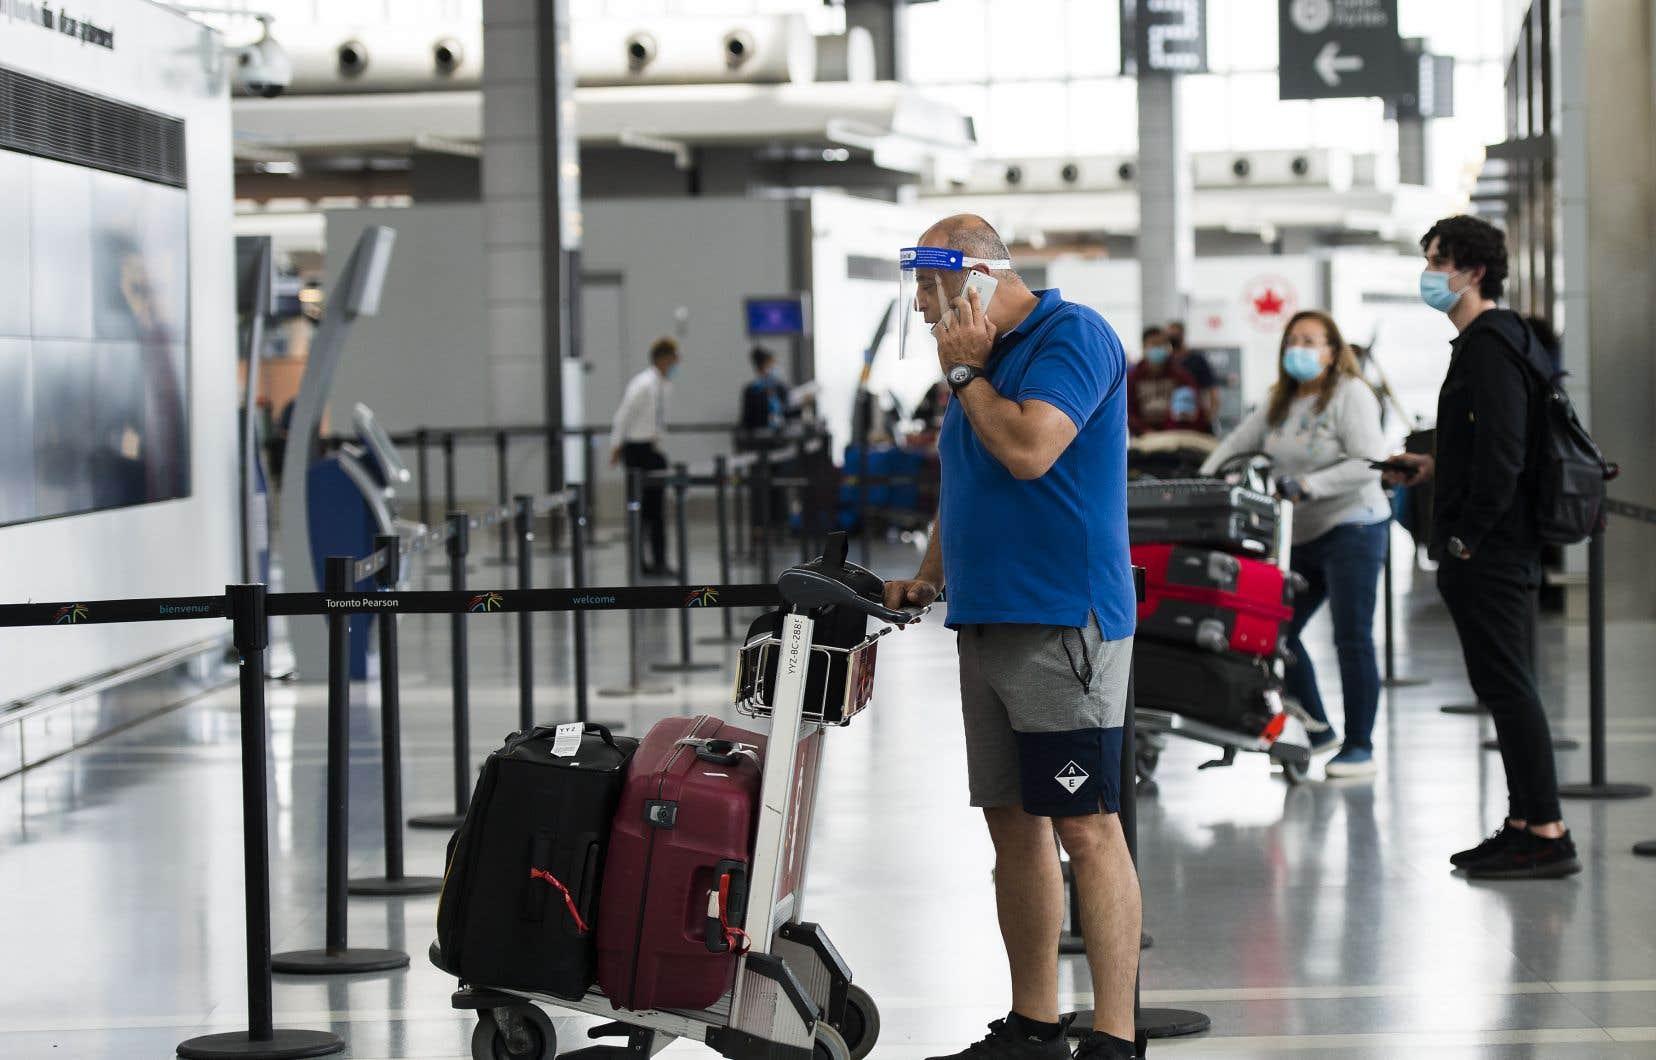 Le gouvernement rappelle que tous les voyageurs récemment revenus au Canada doivent se placer en quarantaine pendant 14 jours, qu'ils présentent des symptômes de coronavirus ou non.